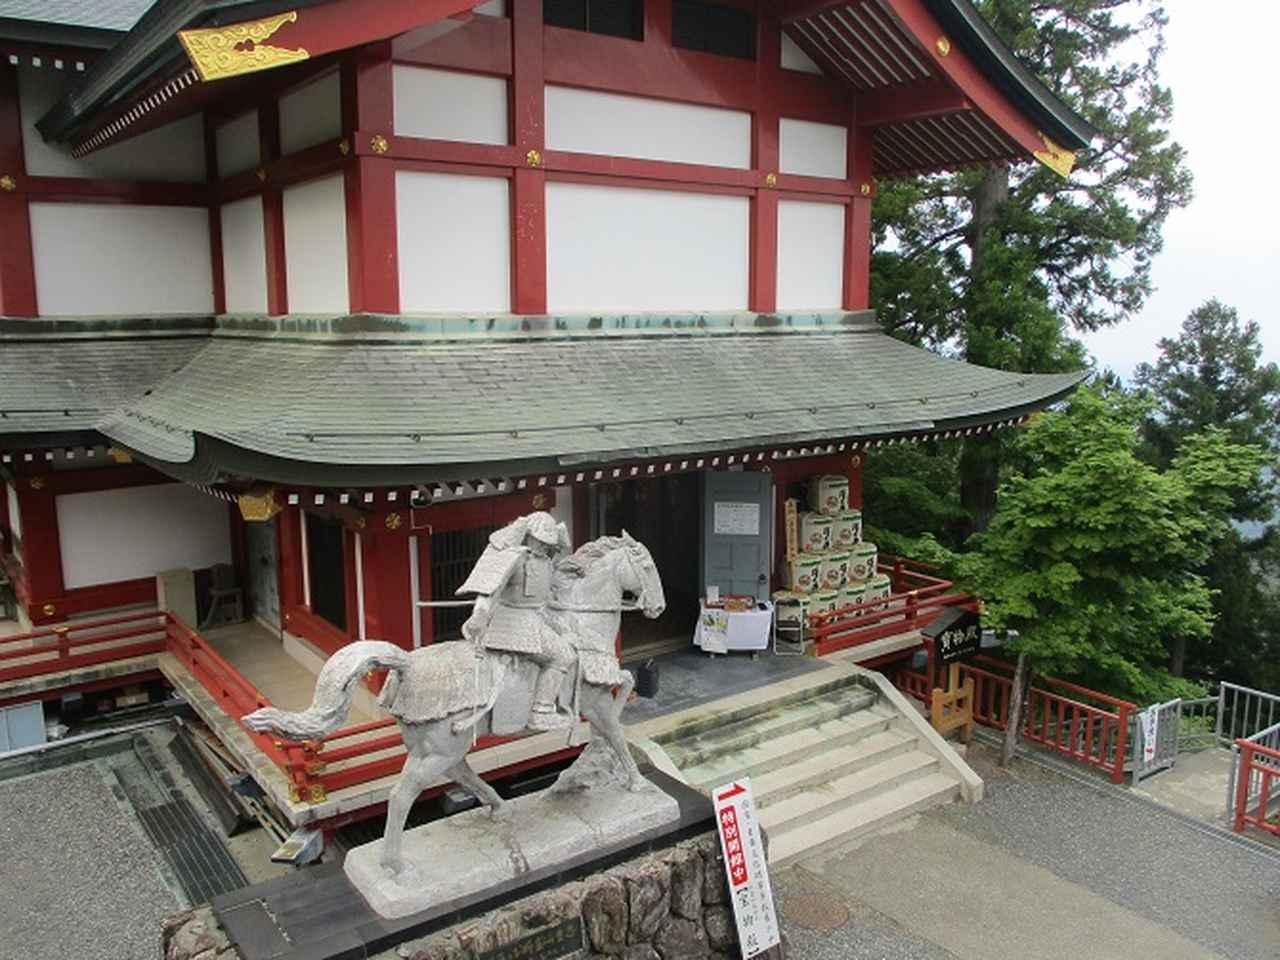 画像7: 8月の山旅会 「大塚山」 ツアーの下見に行ってきました!